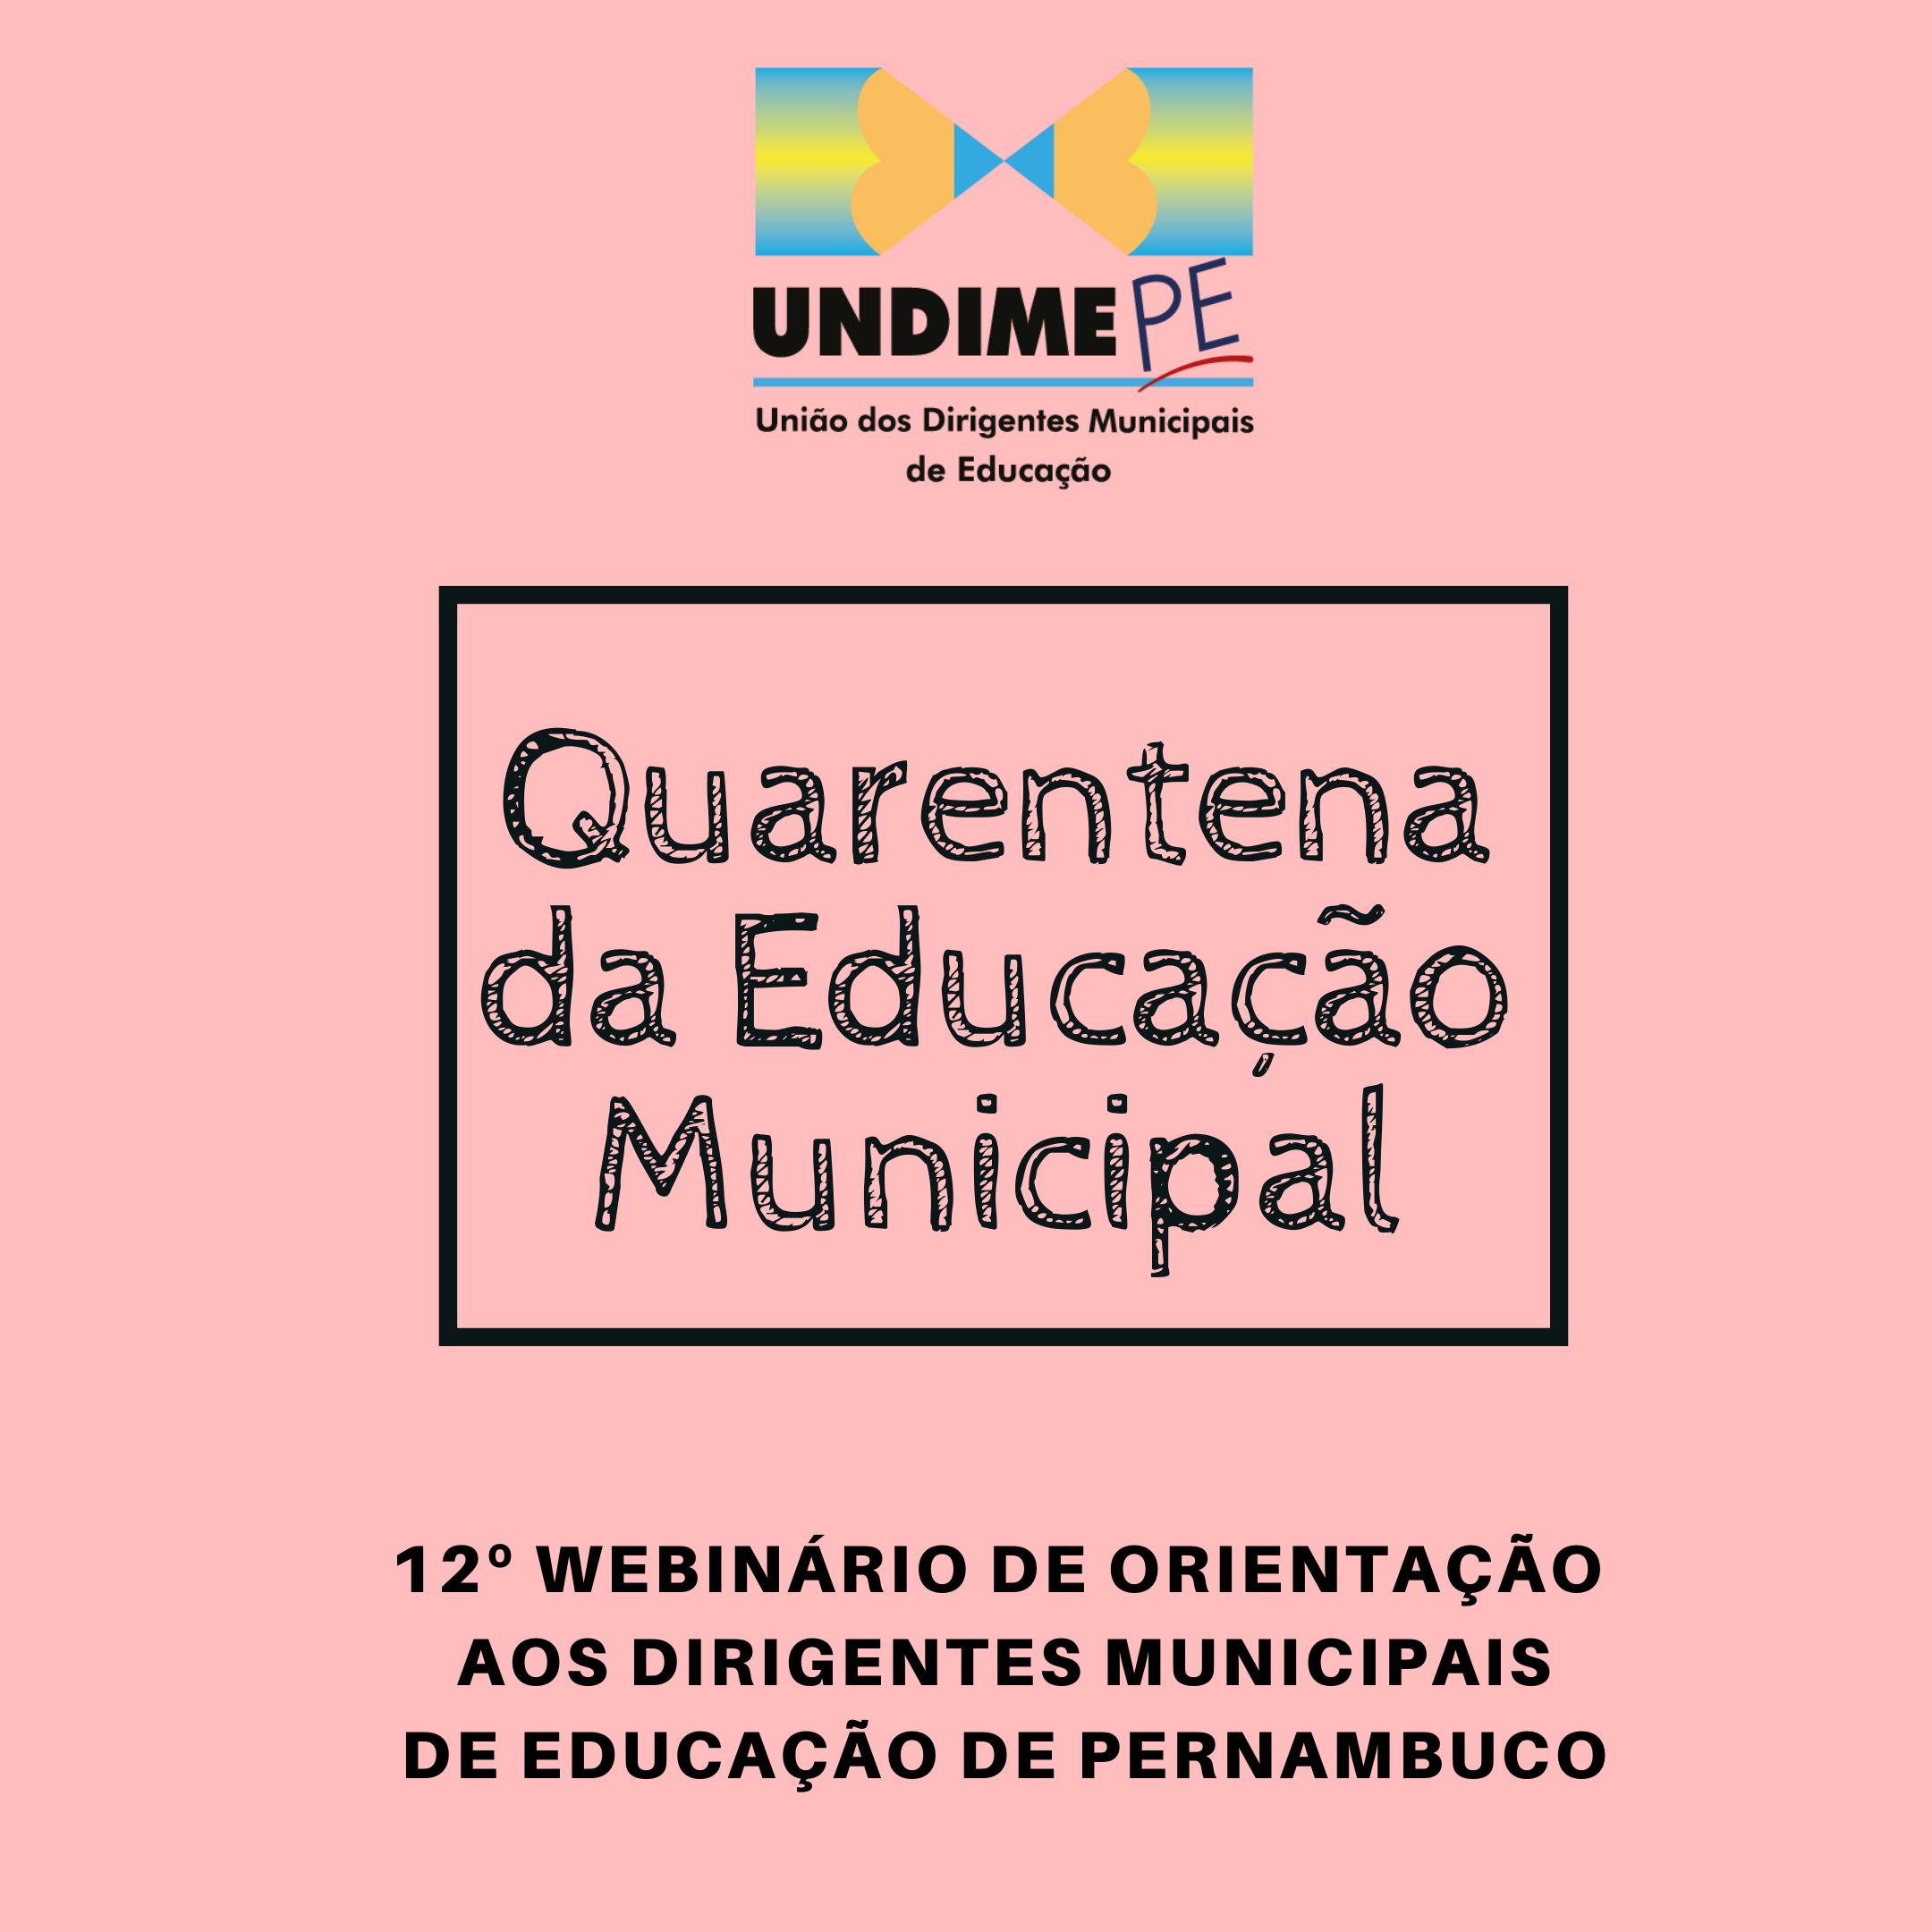 Educação Infantil voltou a ser tema da 12ª edição da Quarentena Municipal da Educação